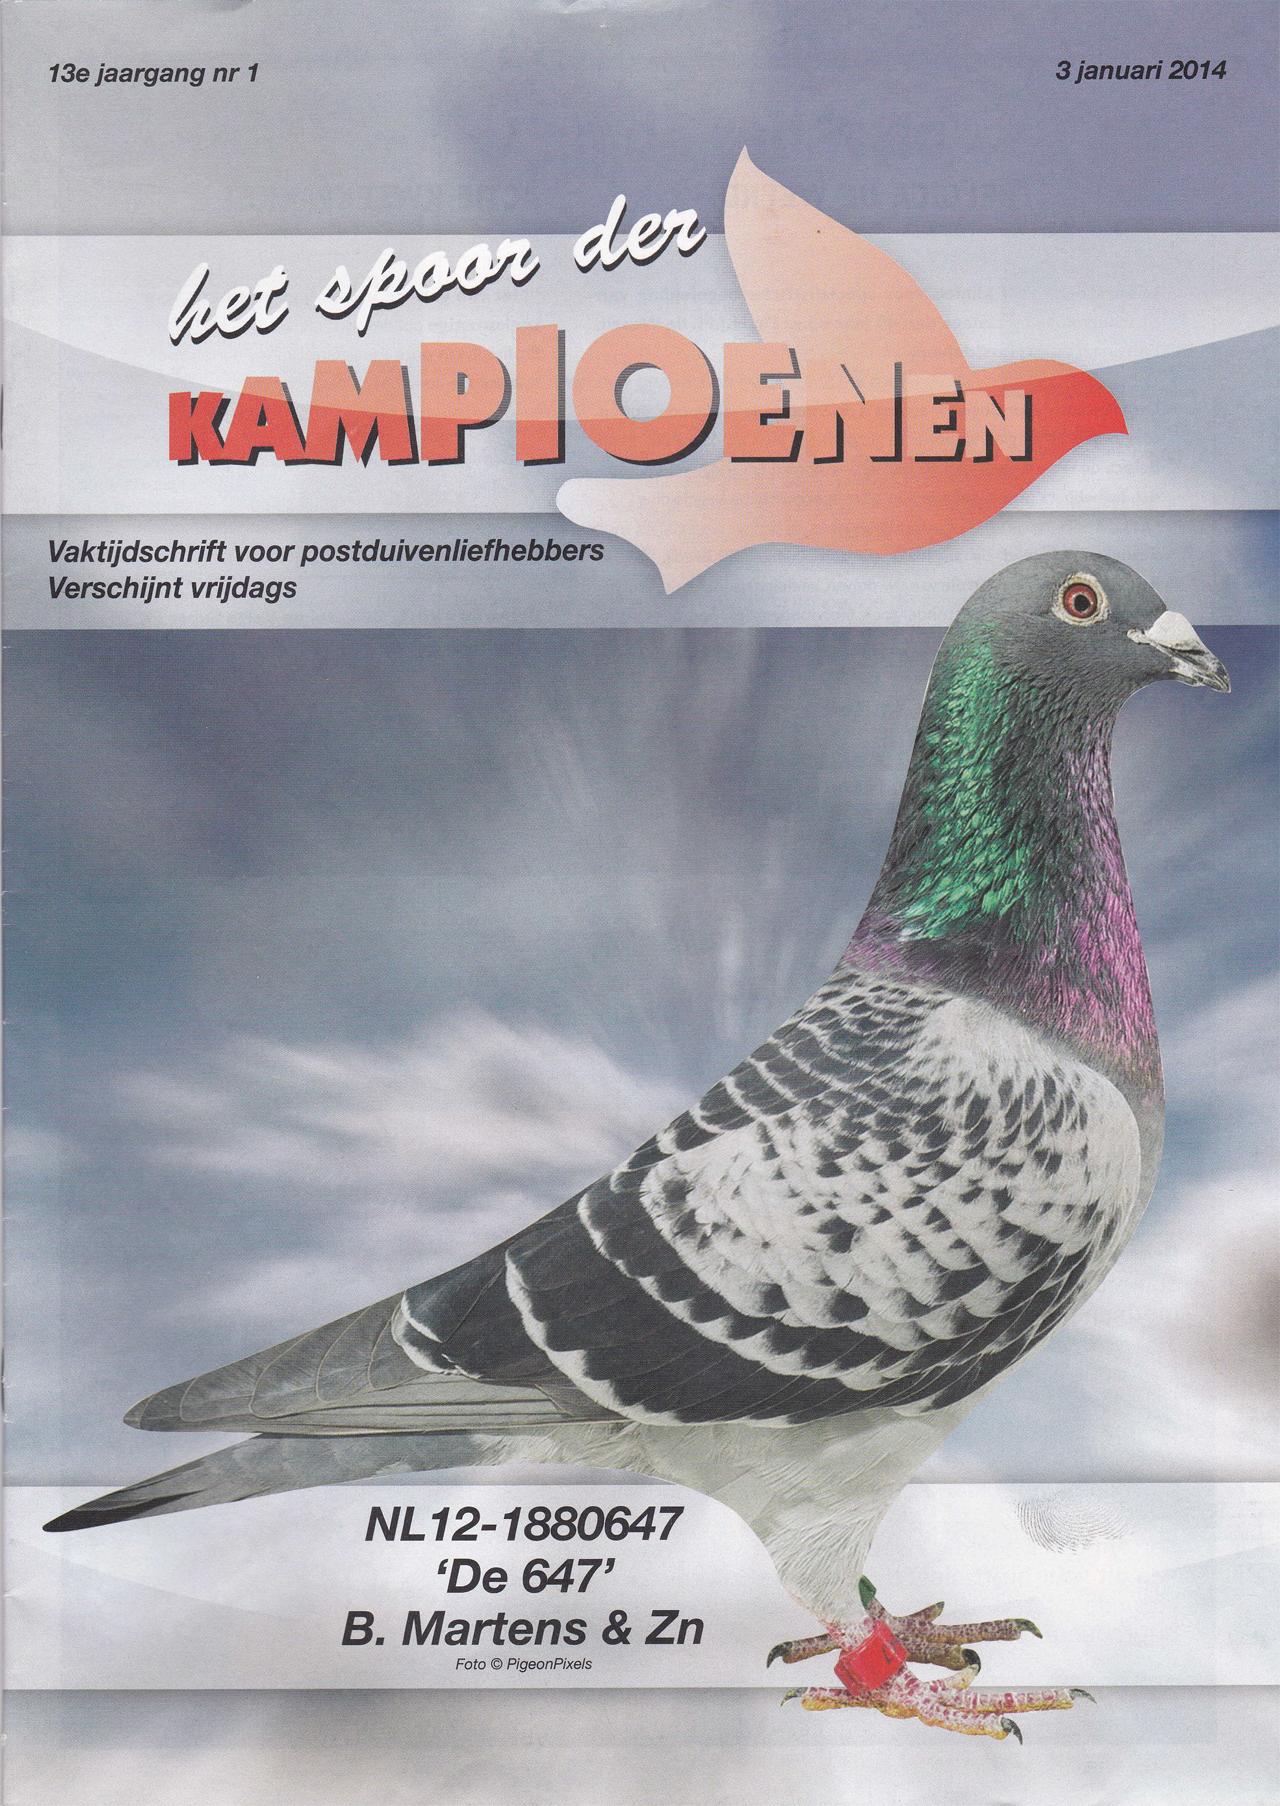 2014 - Spoor der Kampioenen Cover - de 647